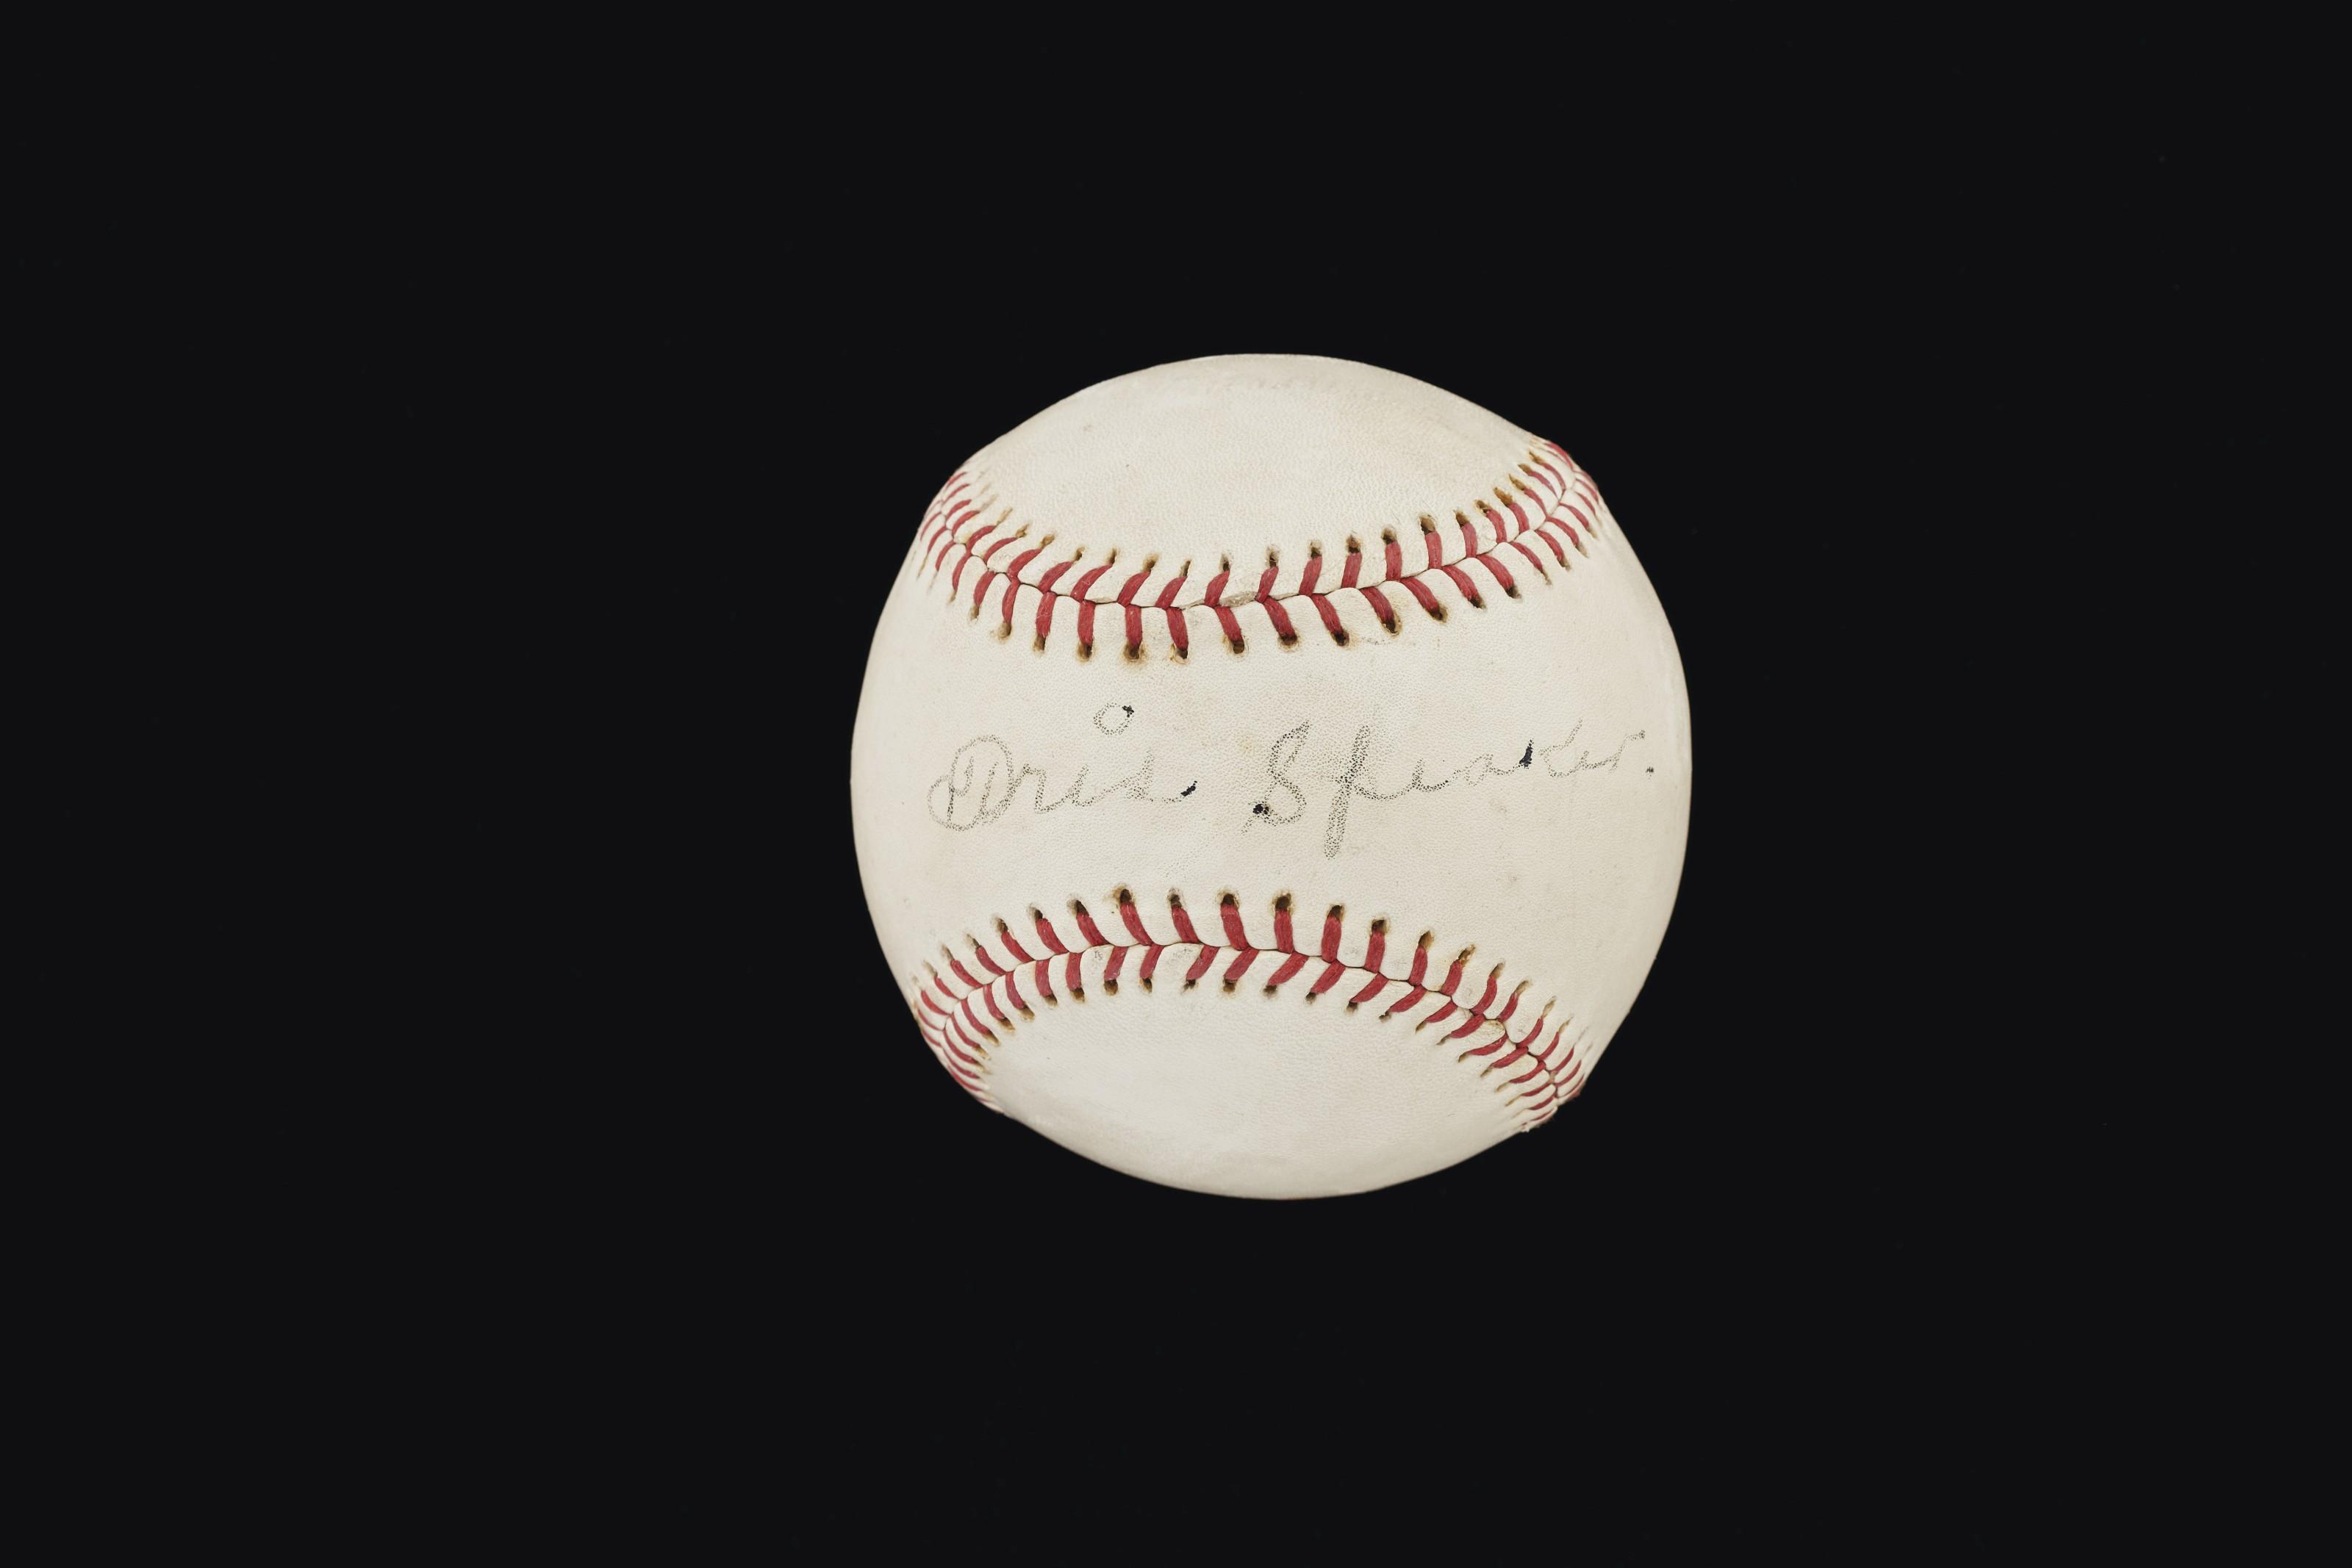 Rare Tris Speaker single signed baseball